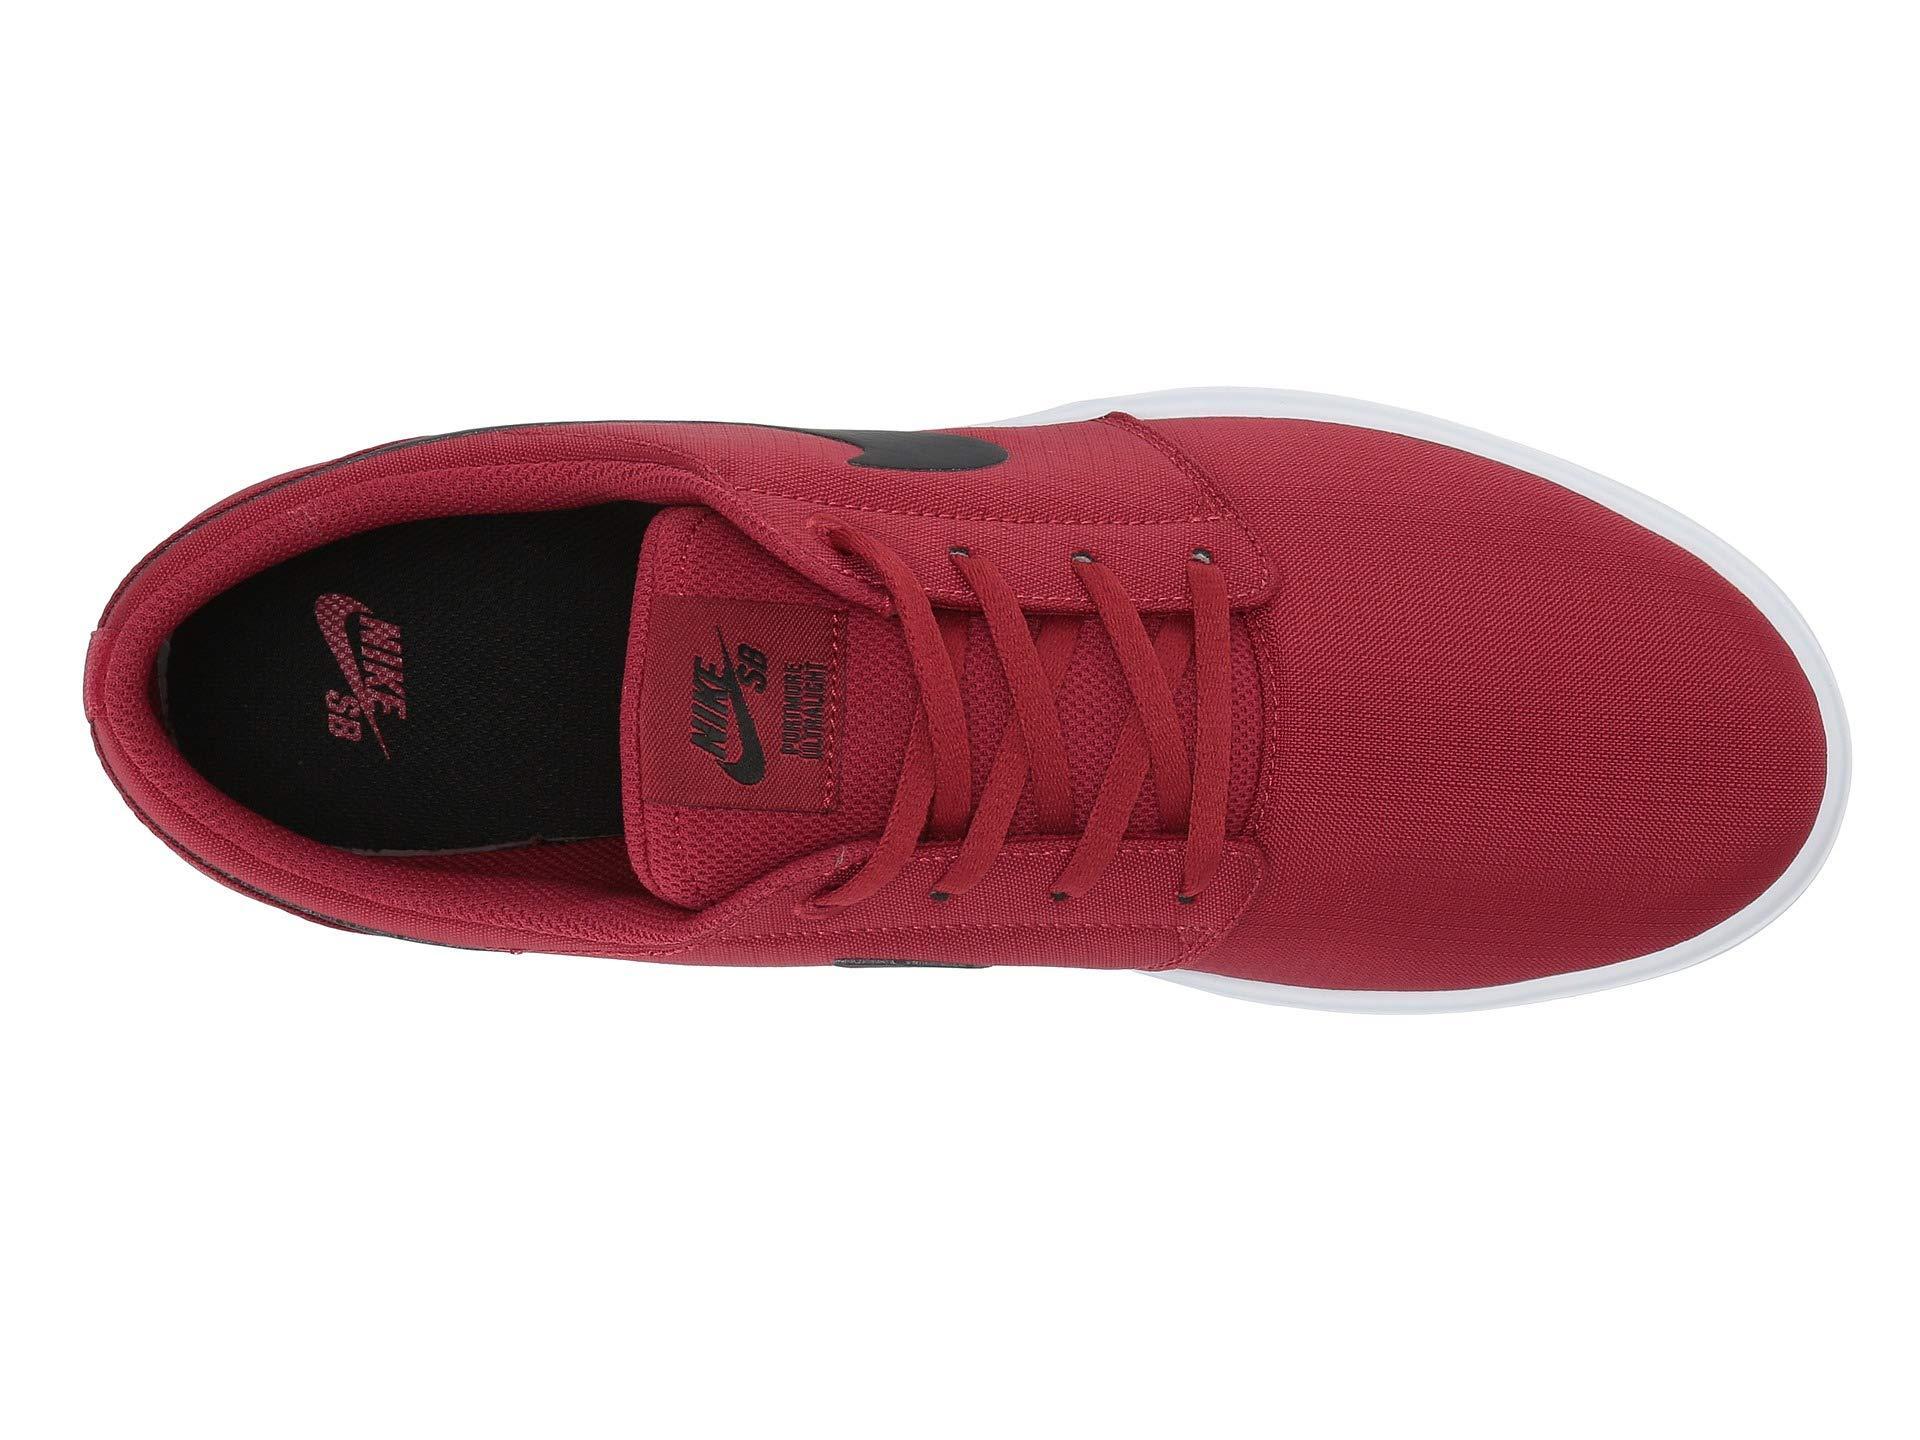 8b8218dcfbb Nike - Portmore Ii Ultralight (black black anthracite) Men s Skate Shoes  for. View fullscreen